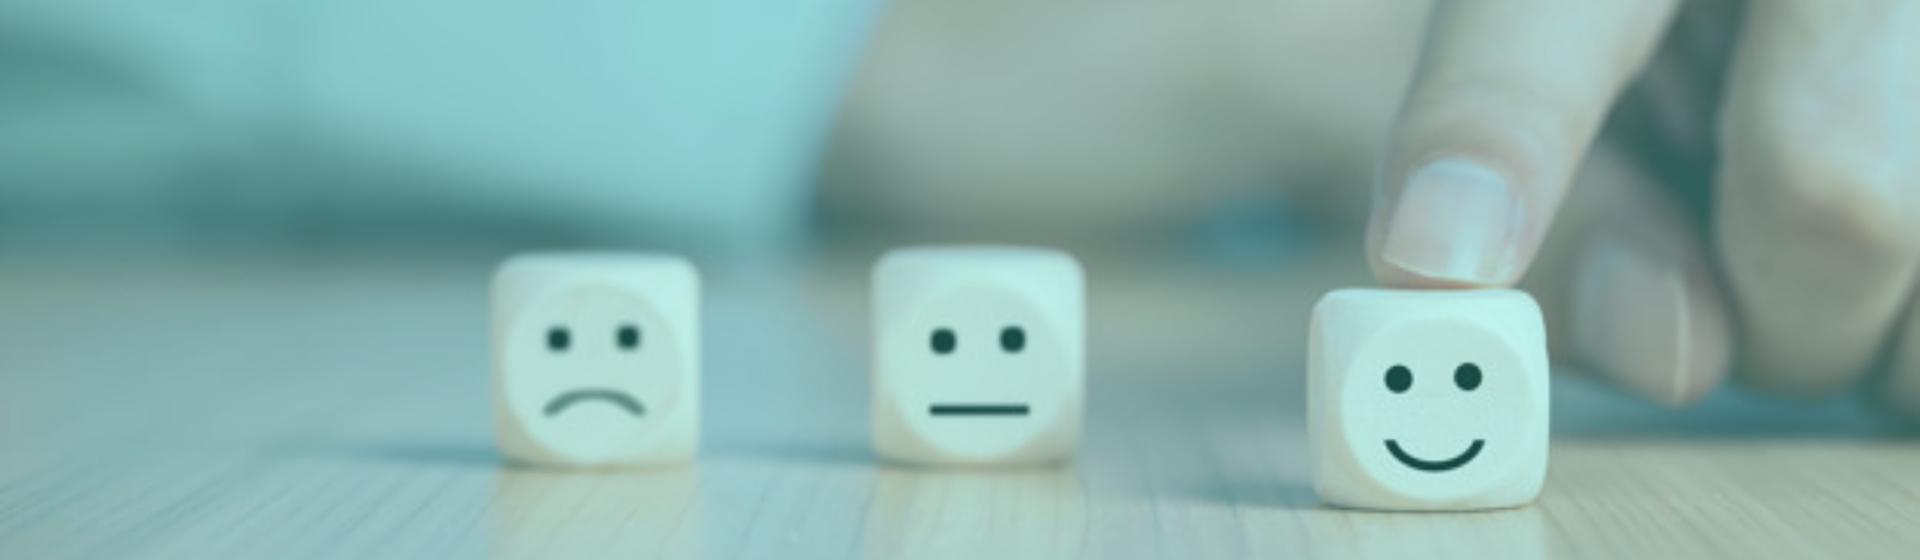 7 tips para desarrollar la inteligencia emocional como un experto